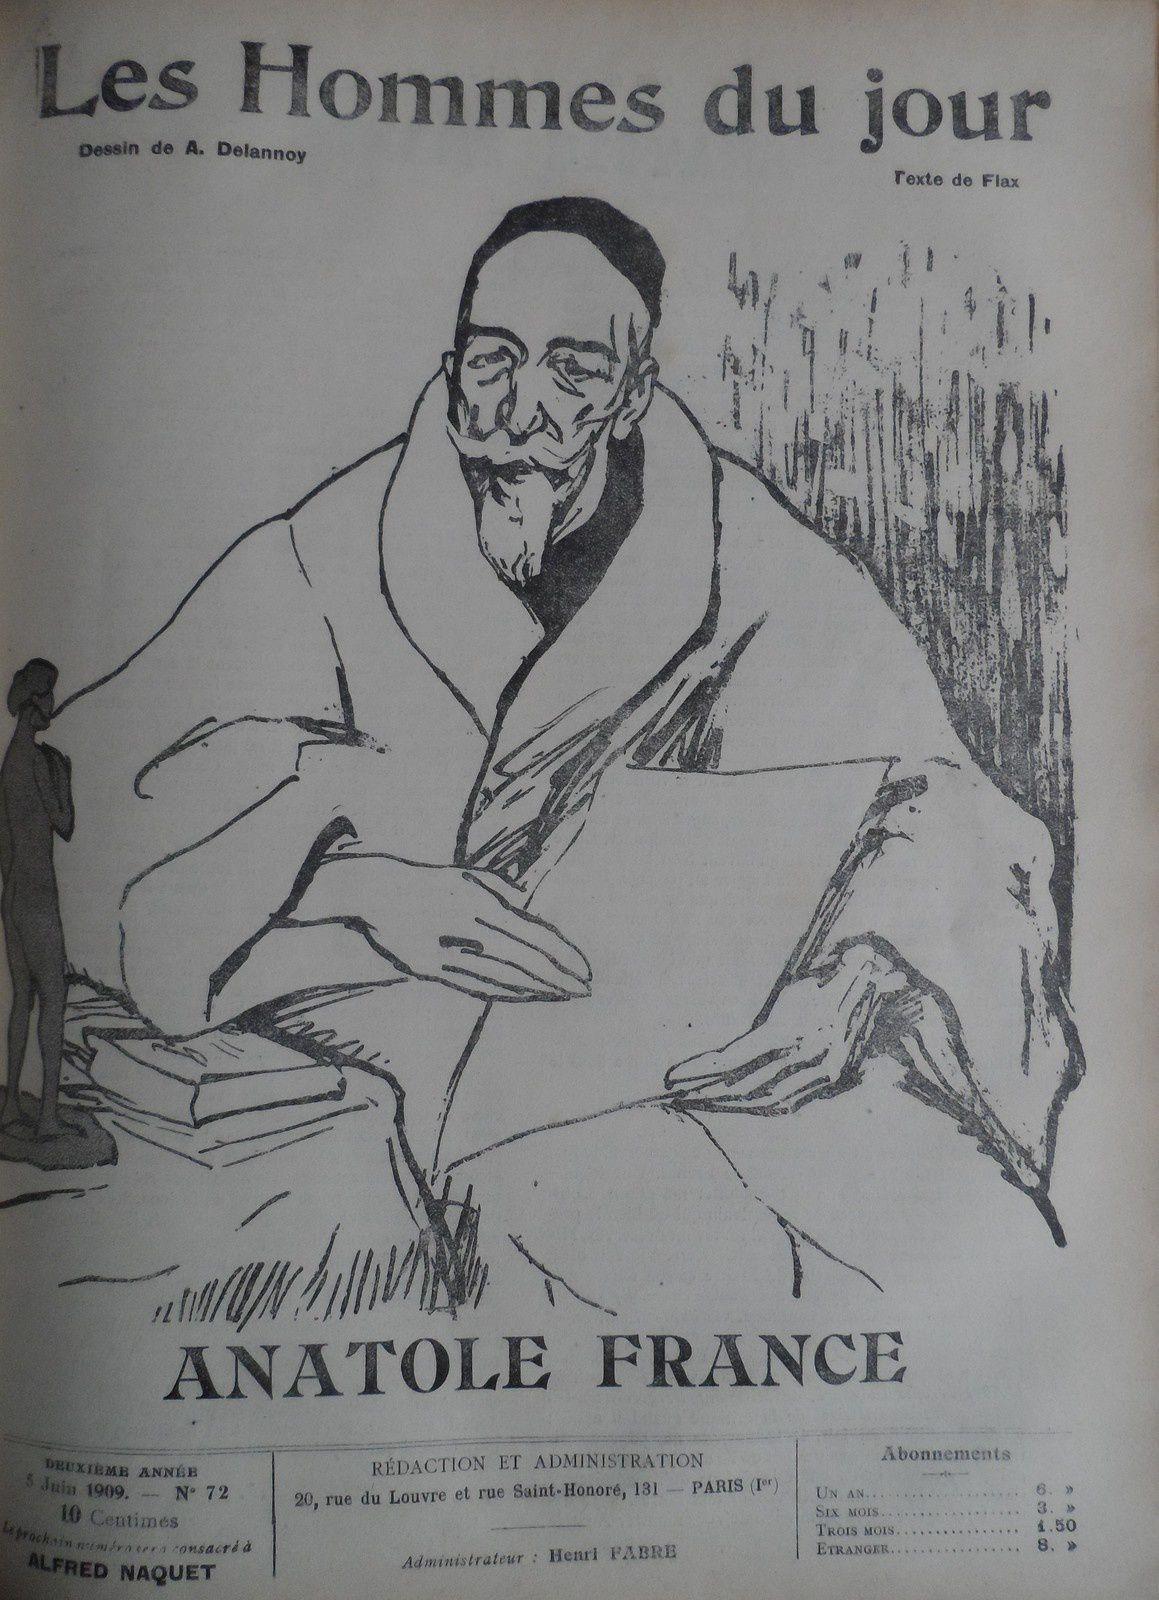 Anatole FRANCE portrait par DELANOY pour LES HOMMES DU JOUR Juin 1909